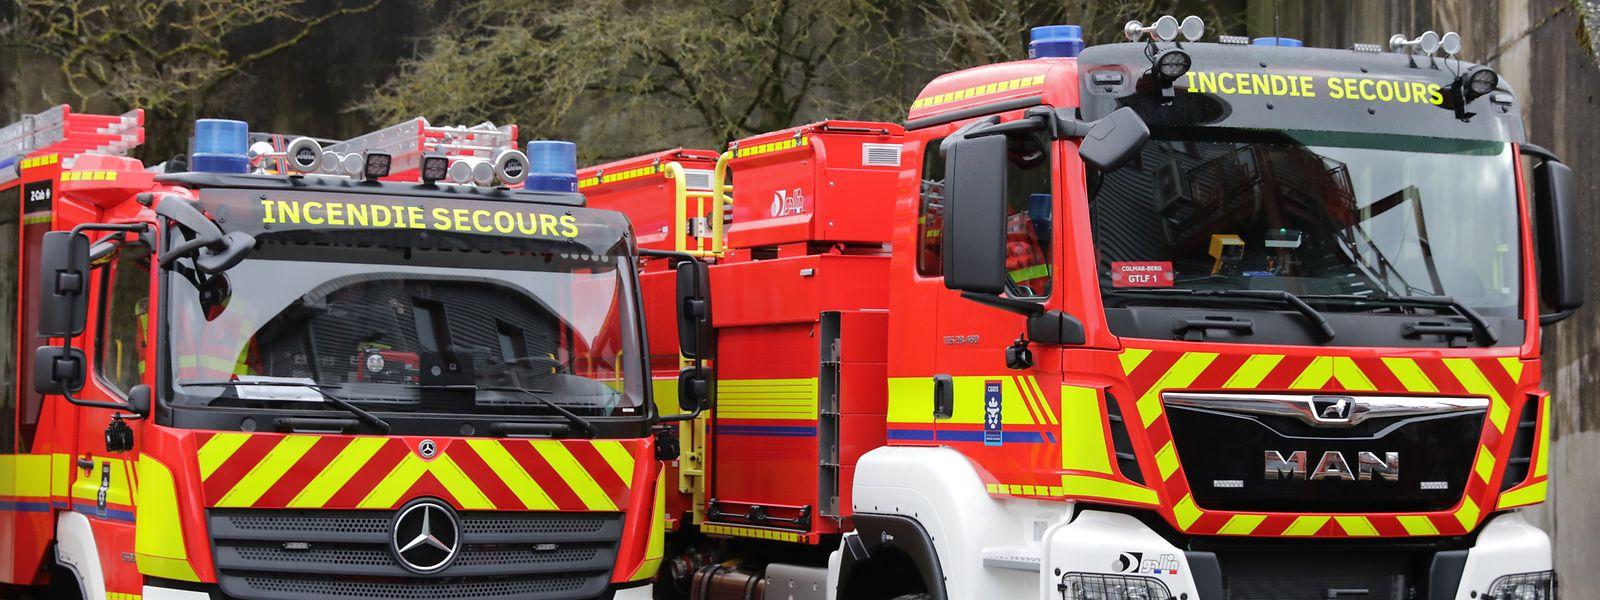 Löschtrupps aus Luxemburg halfen bei dem Großbrand jenseits der Grenze.